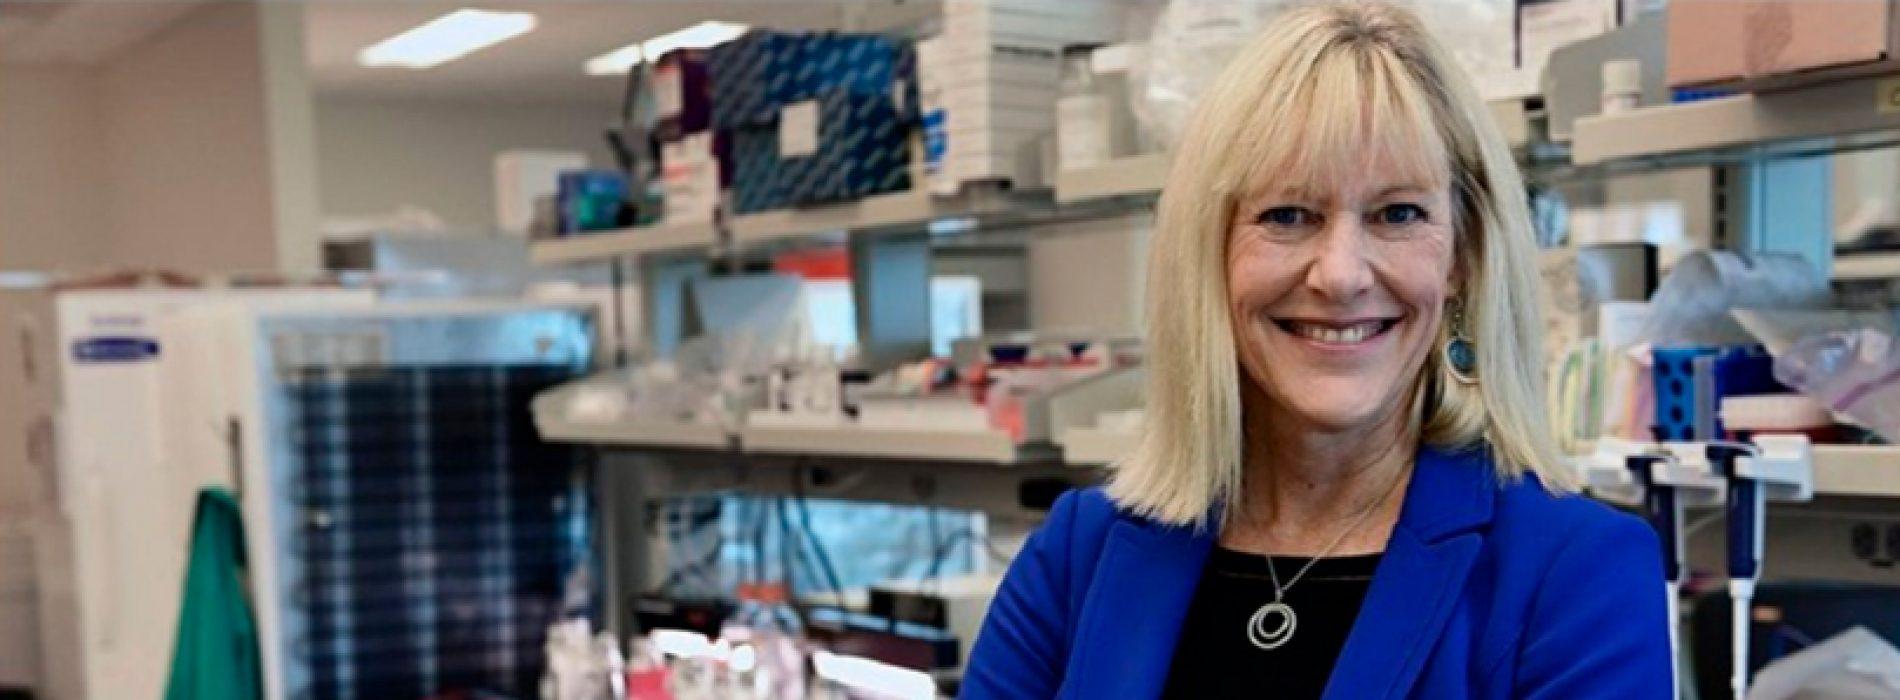 Congreso Futuro trae a investigadora que descubrió un rasgo clave del mal de Crohn